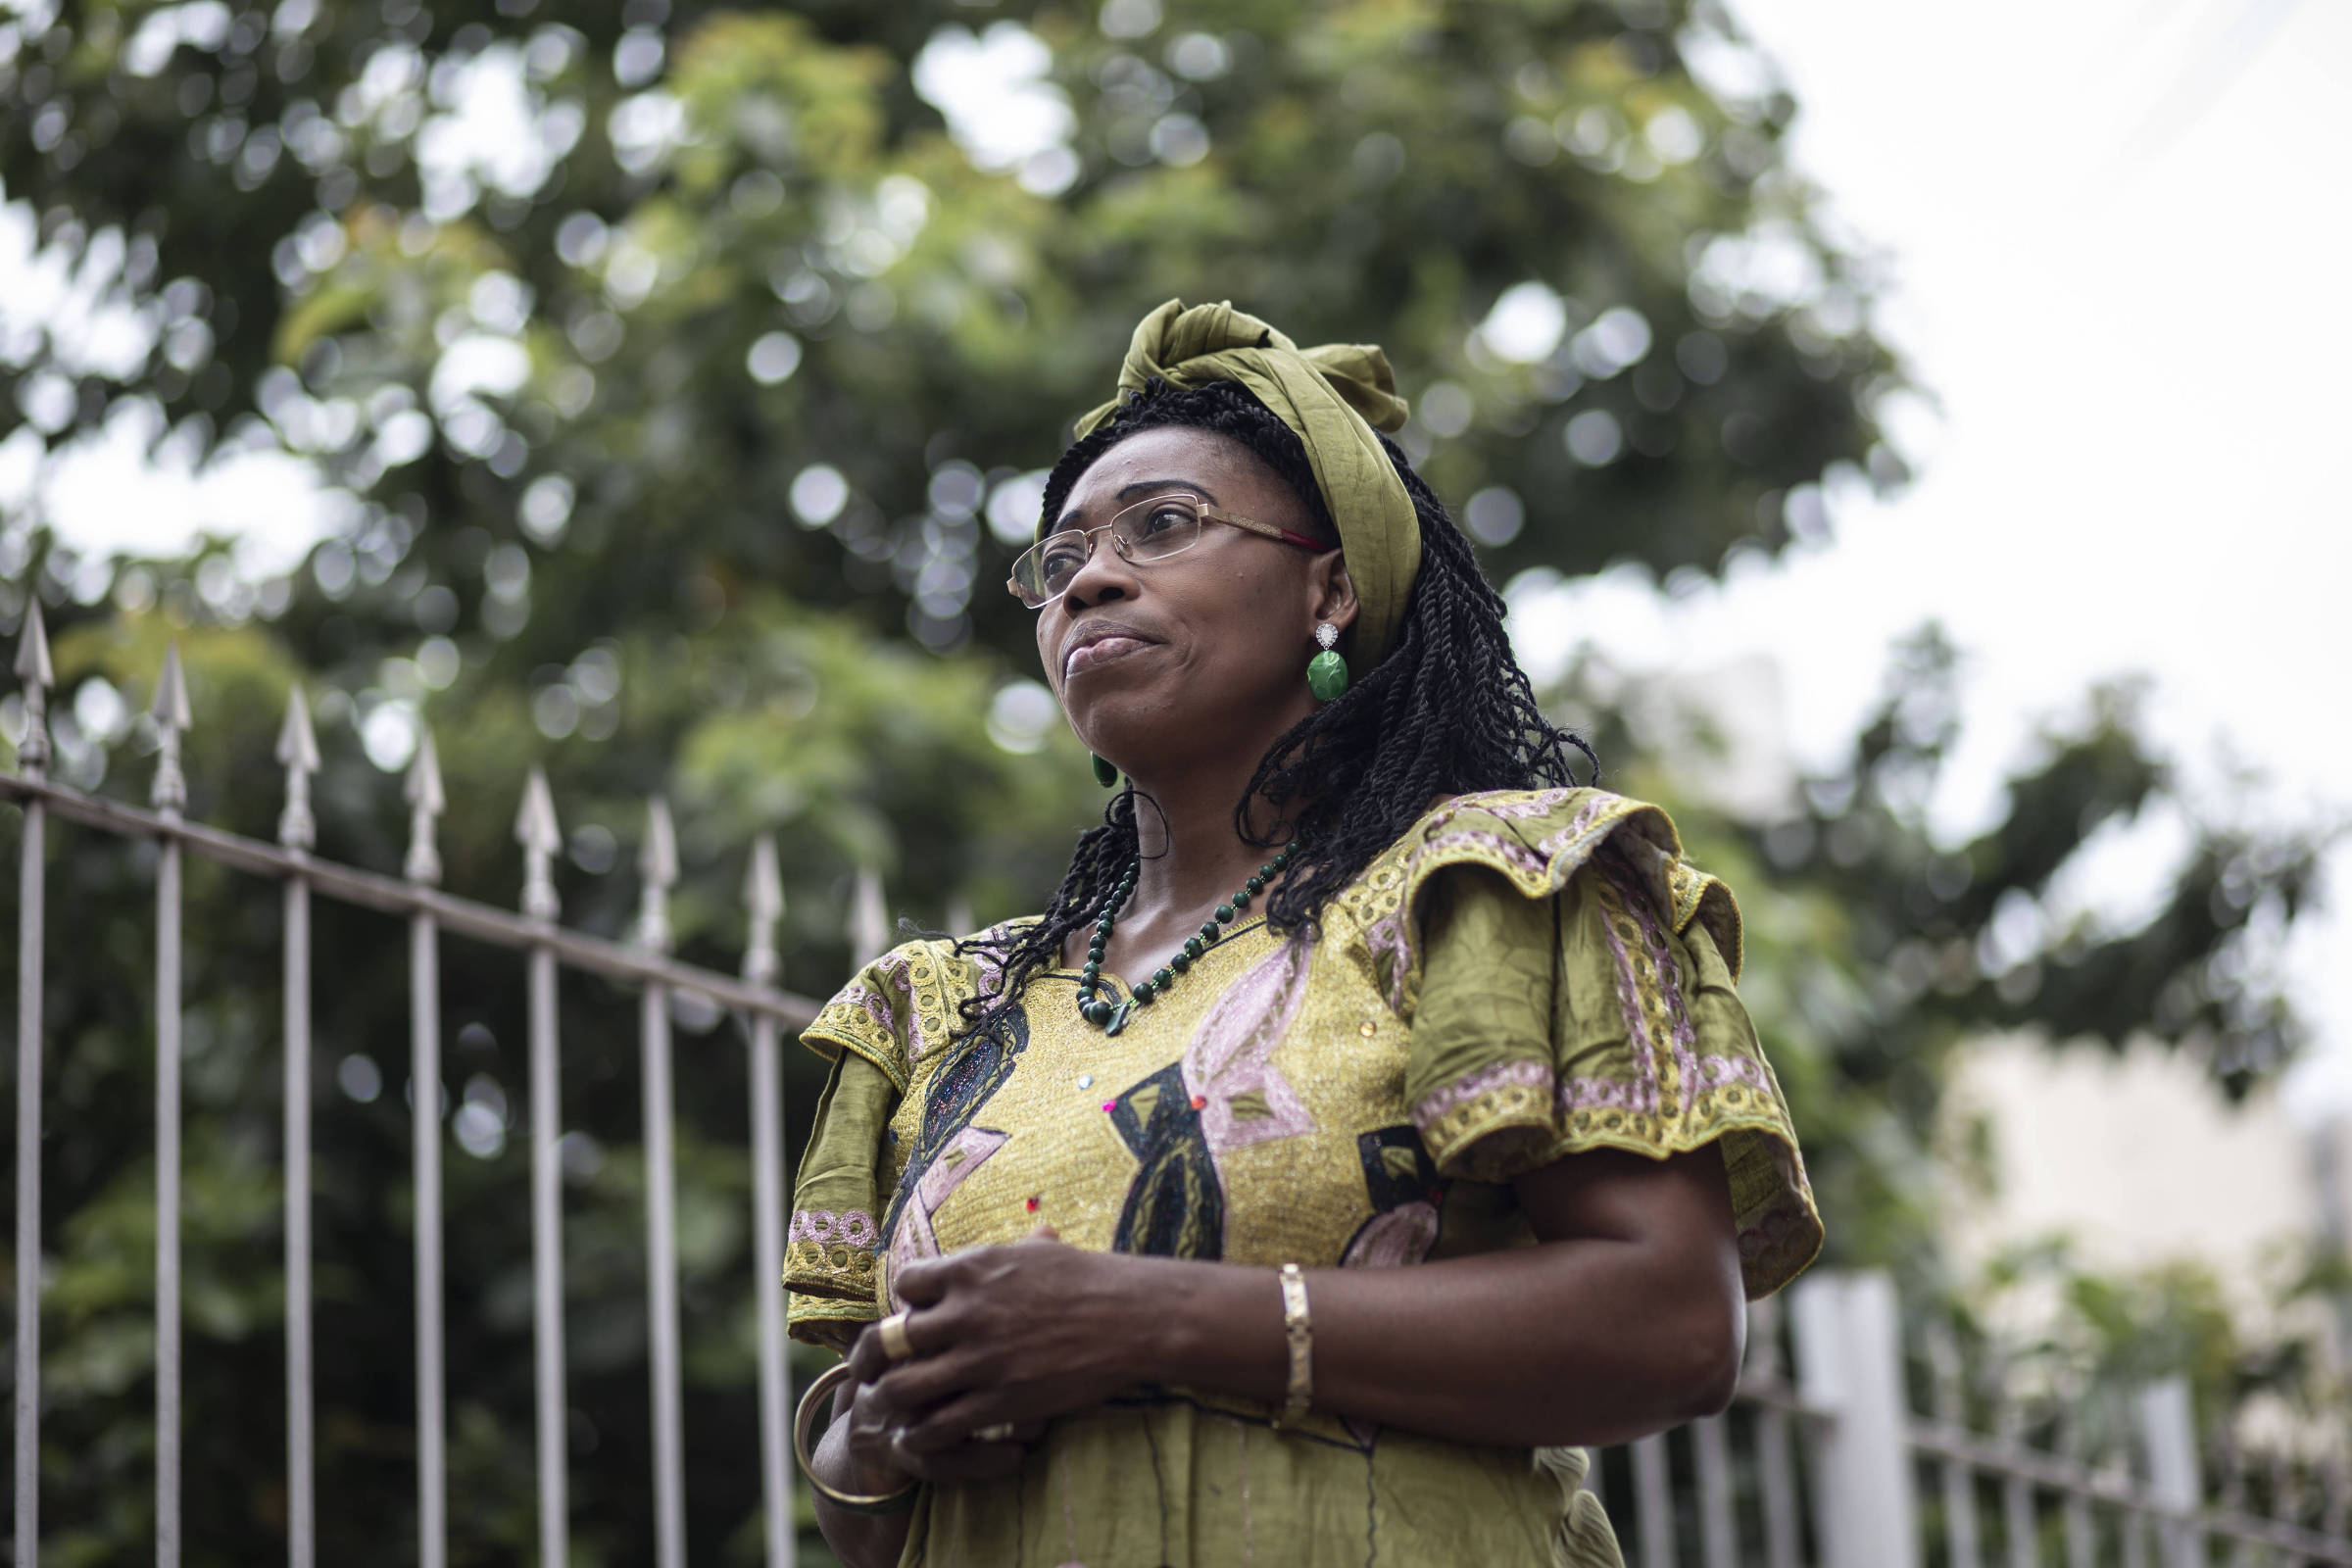 Claudine Shindany, que coordenava um grupo de mídia protestante em seu país e foi ameaçada por seu trabalho